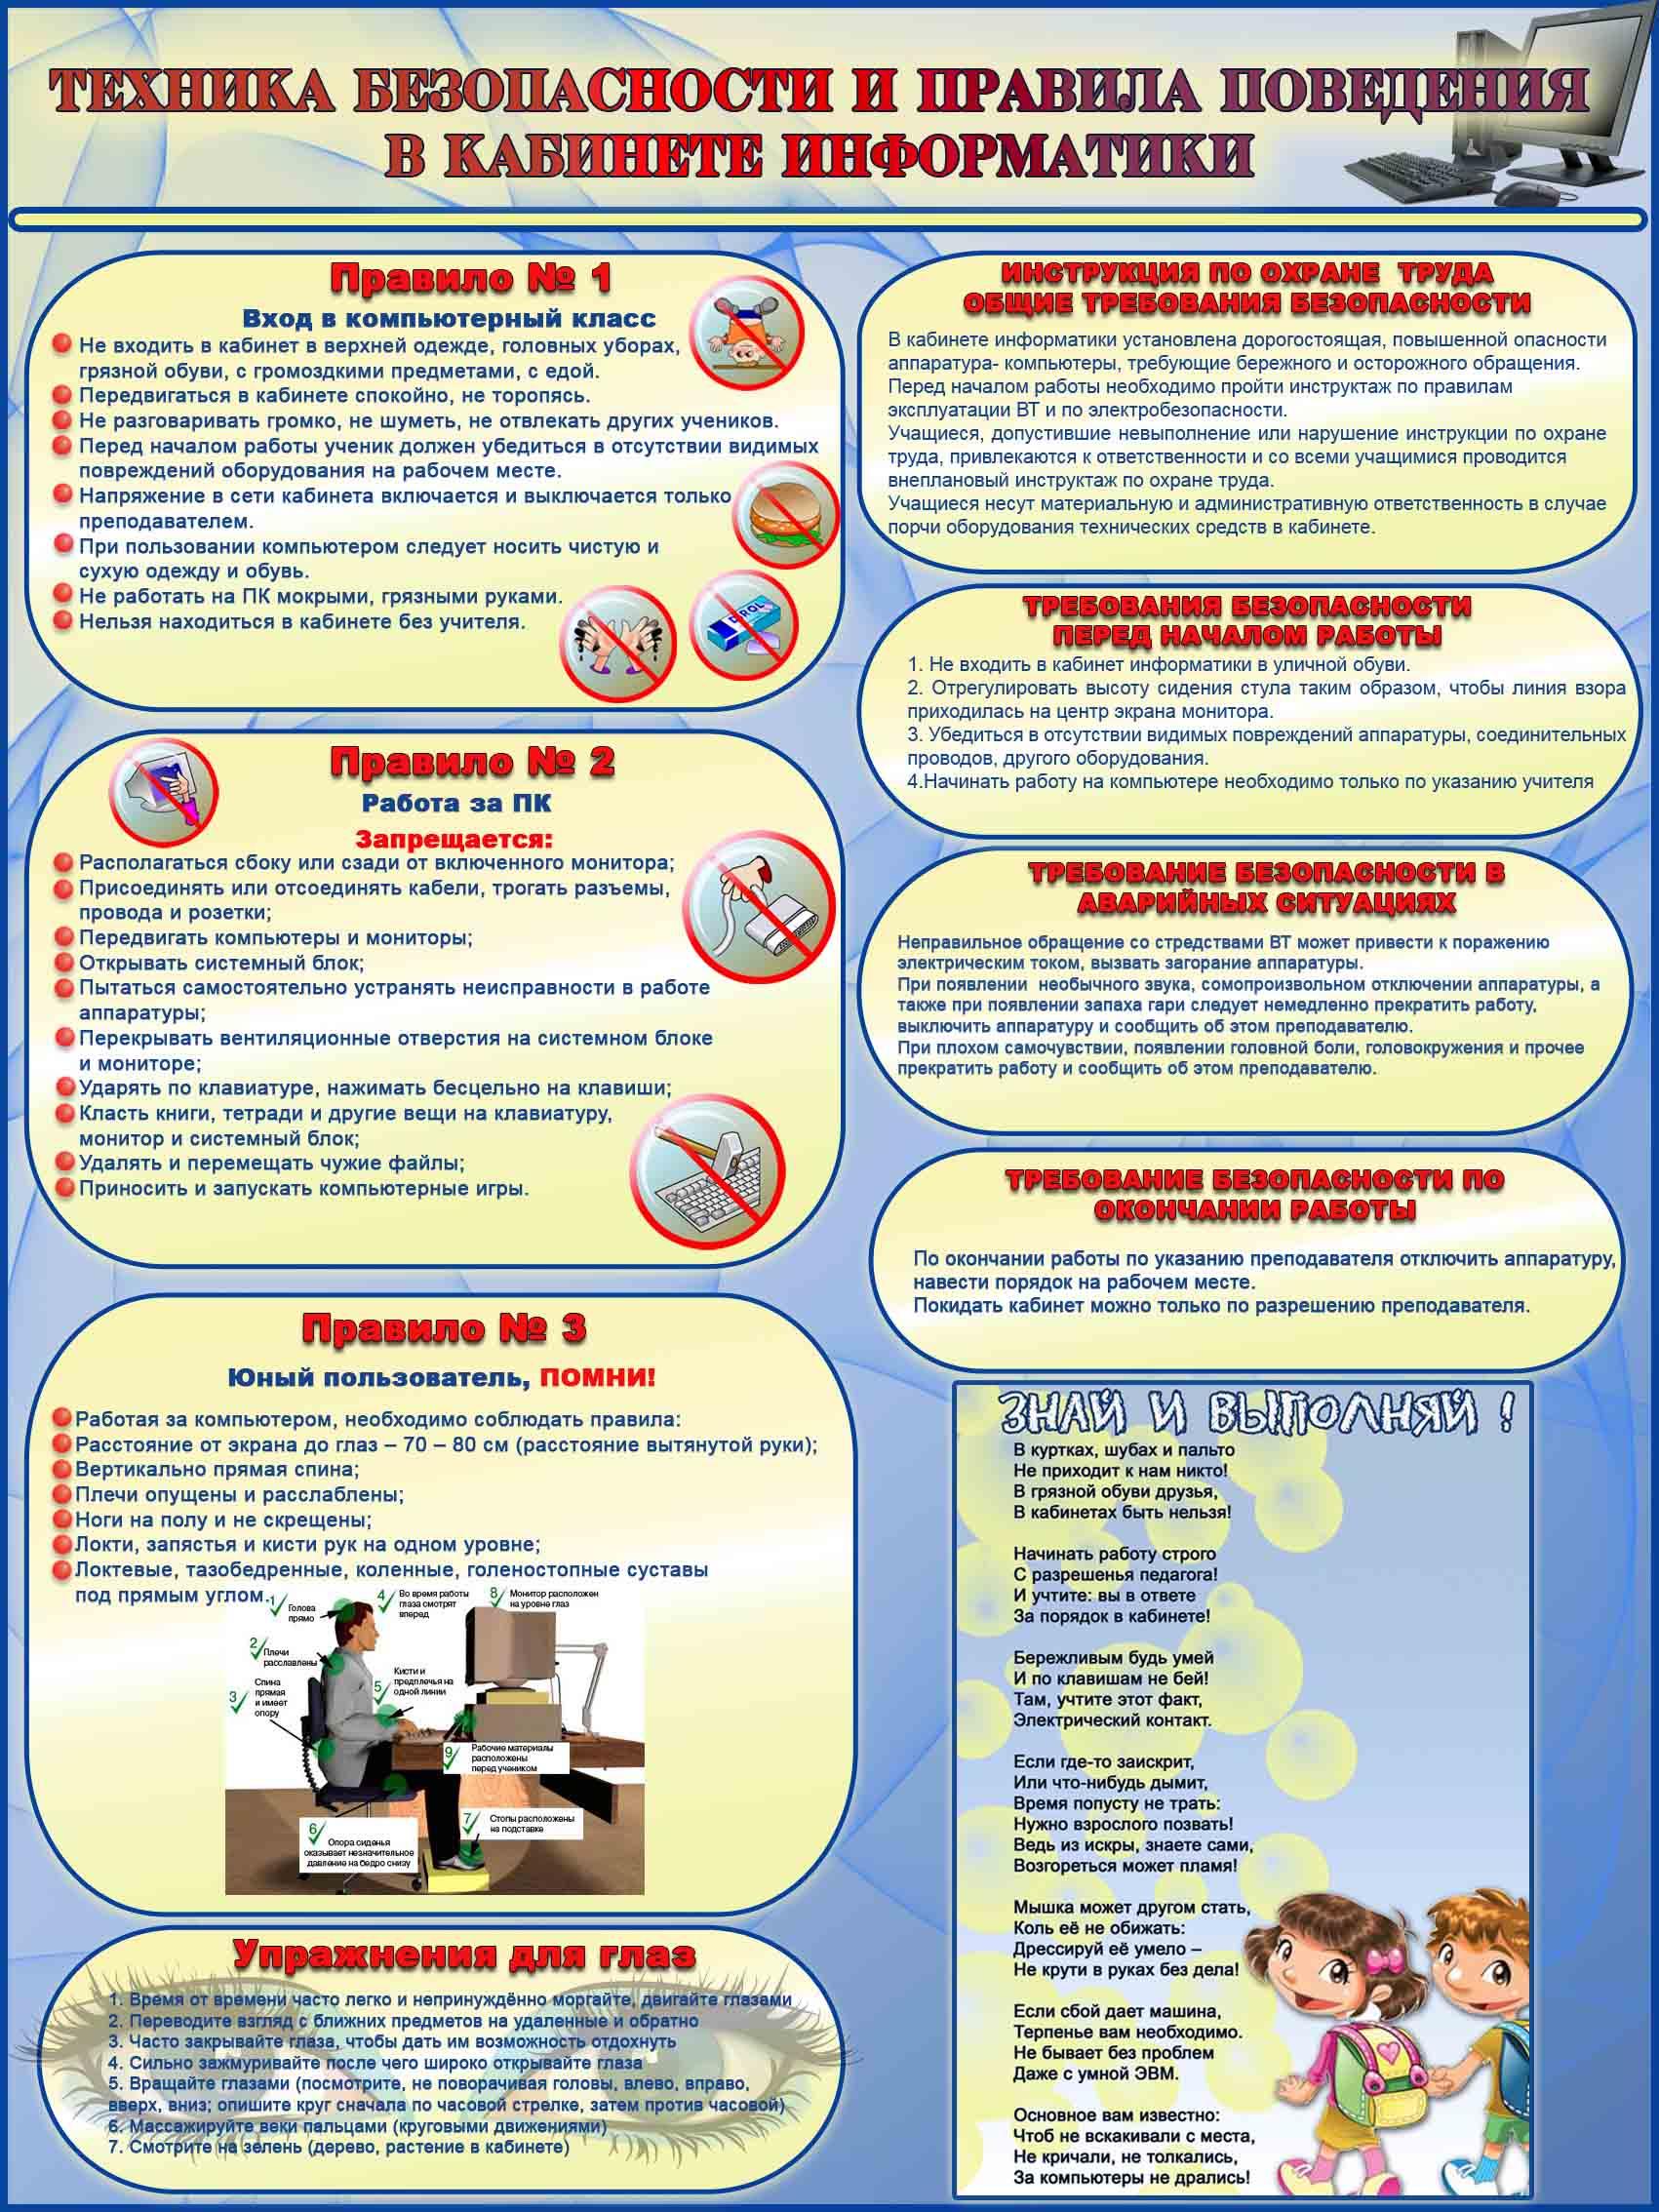 Кабинет информатики - творческая ...: enpom.narod.ru/p8aa1.html